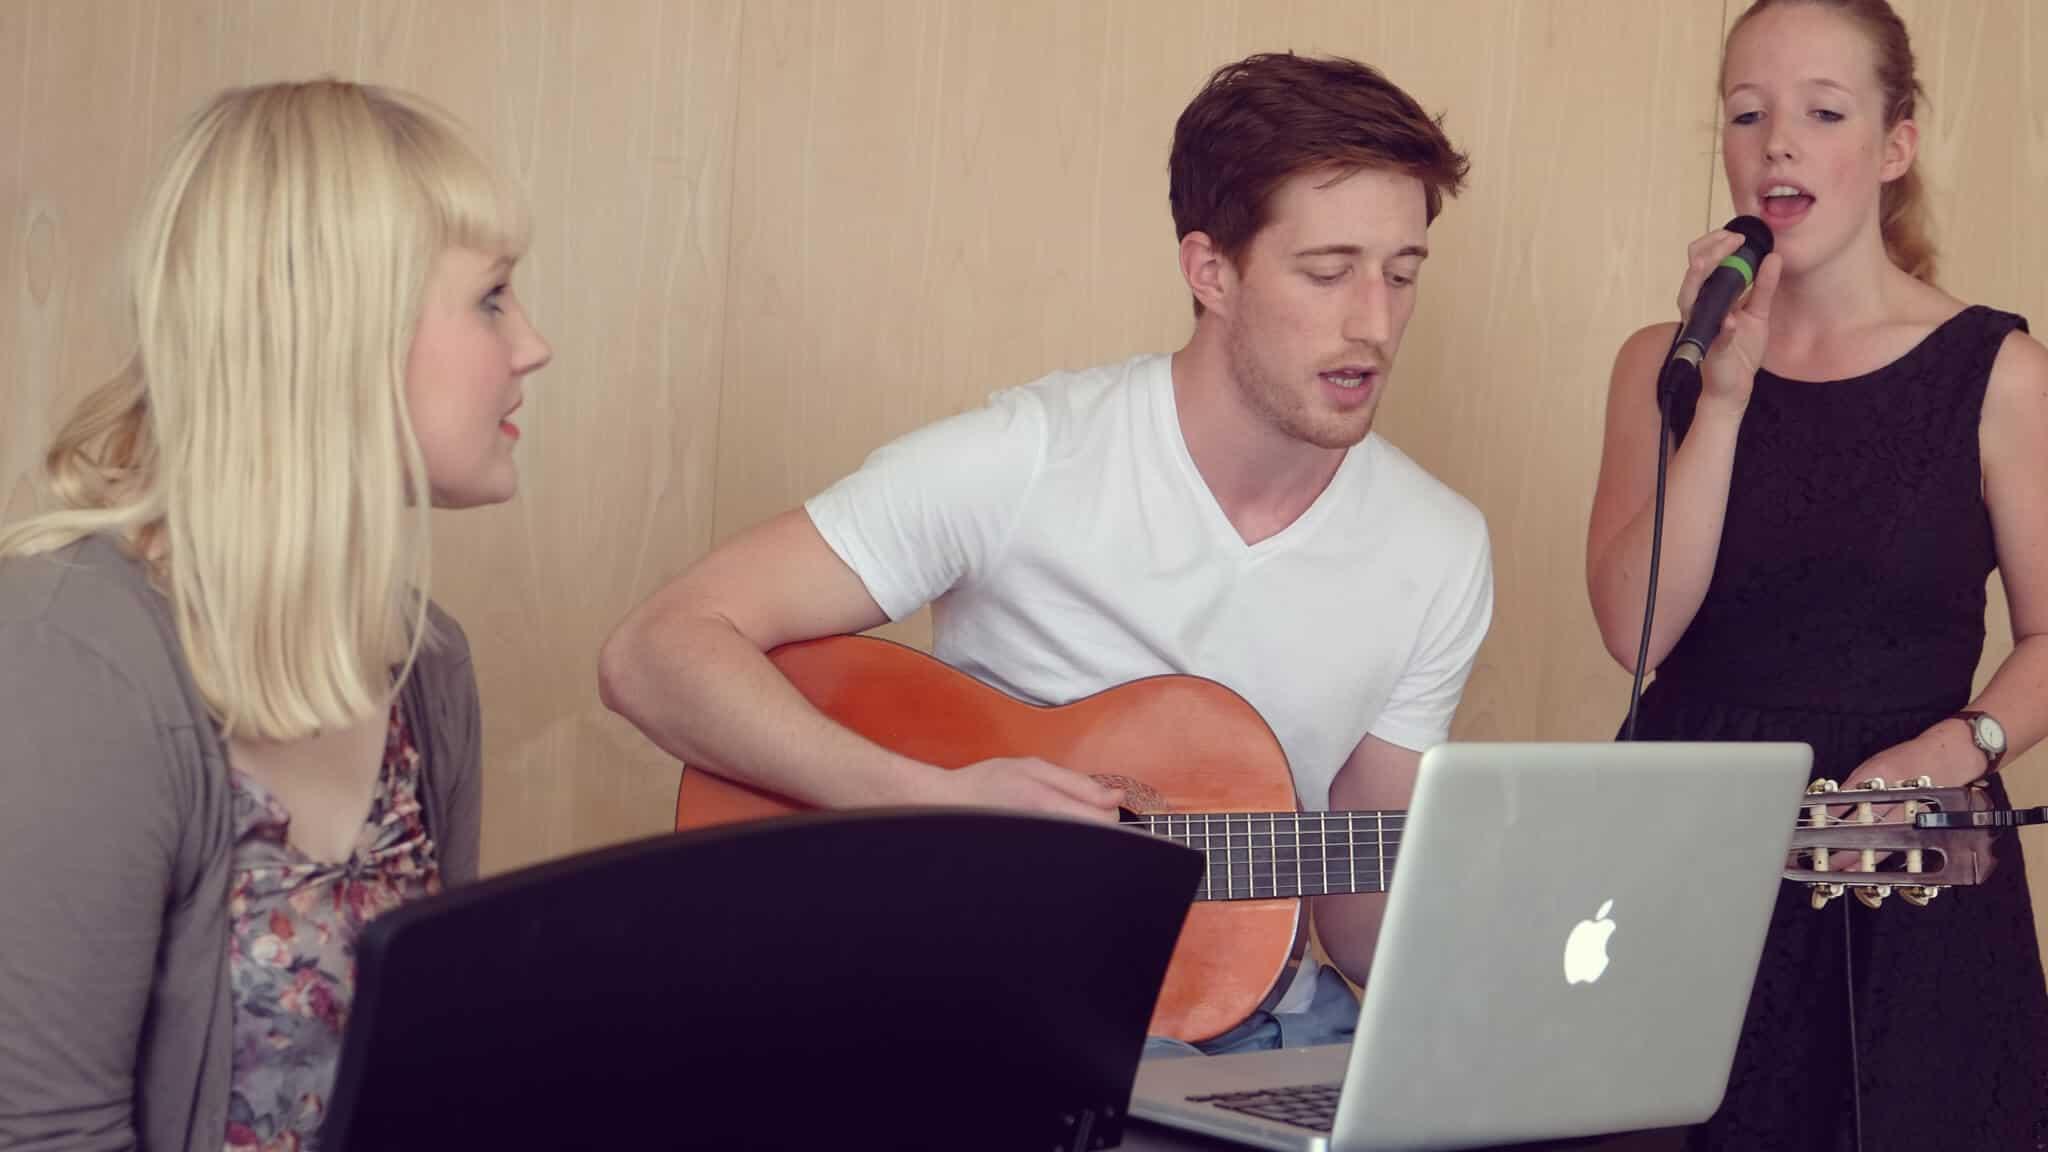 Gesangsschüler 15 - CK Voice Lessons - Gesangsunterricht und Vocalcoaching in Hannover